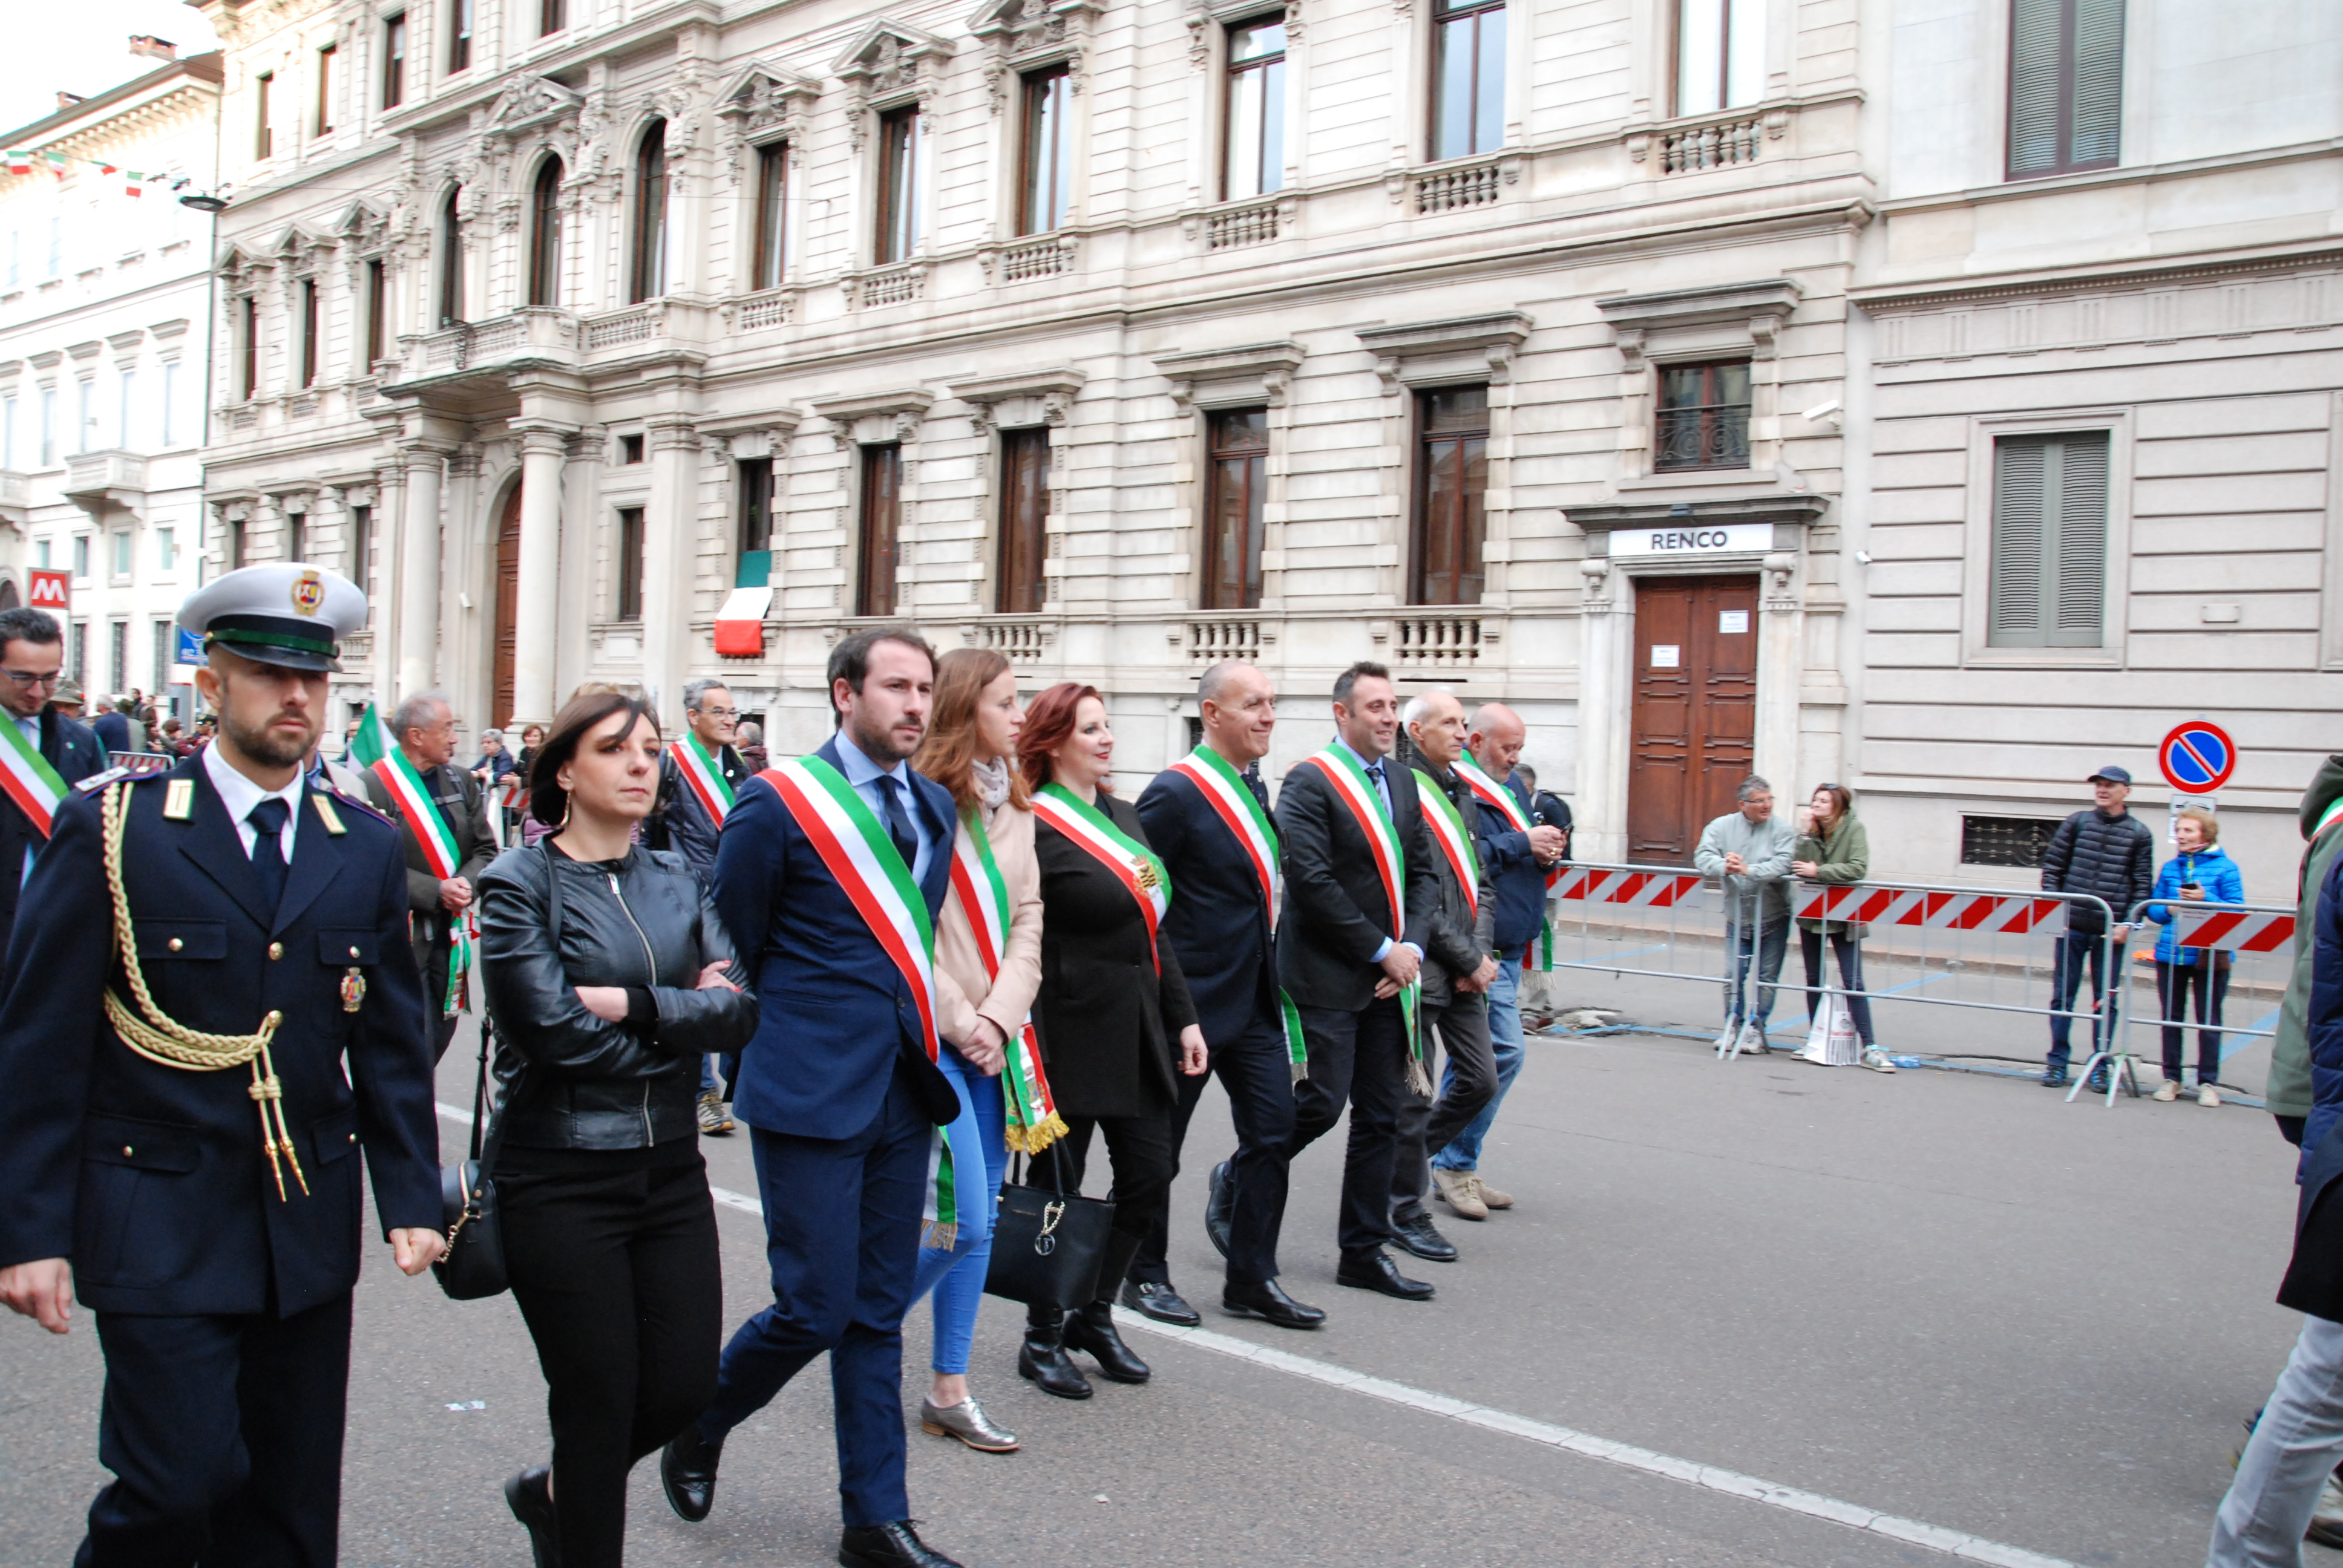 Inizio-Adunata-Nazionale-alpini-Milano-18